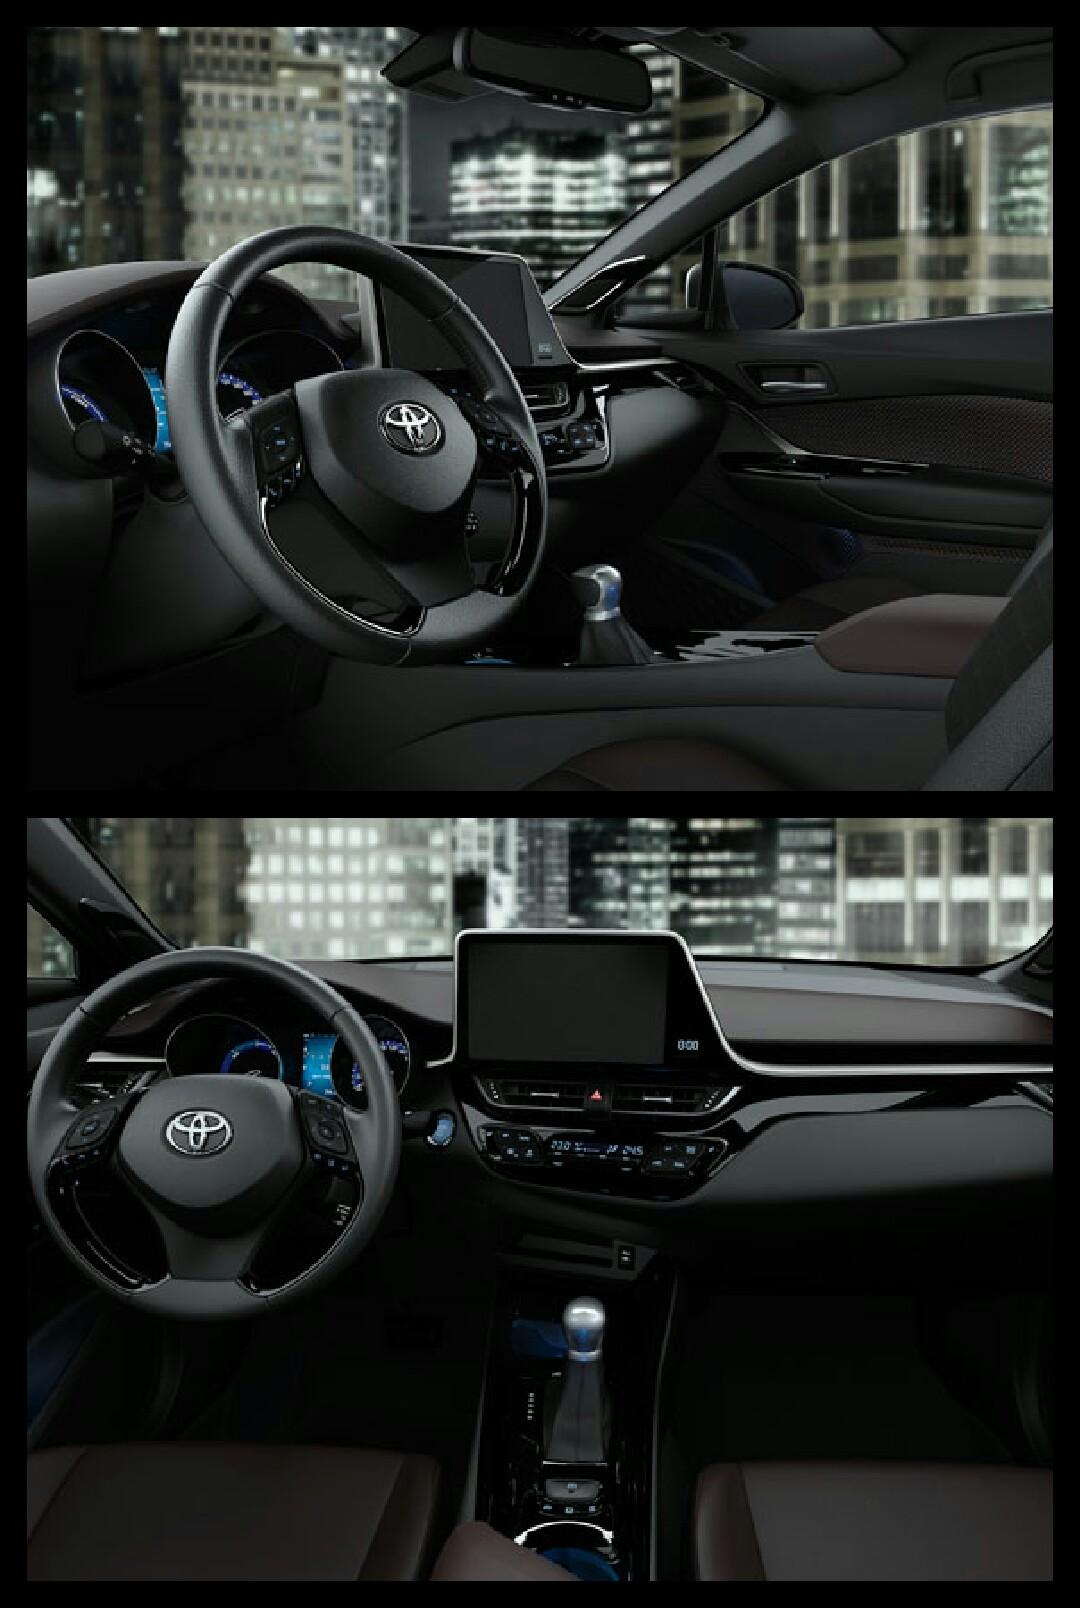 トヨタC-HR インテリア 横置き液晶モニター